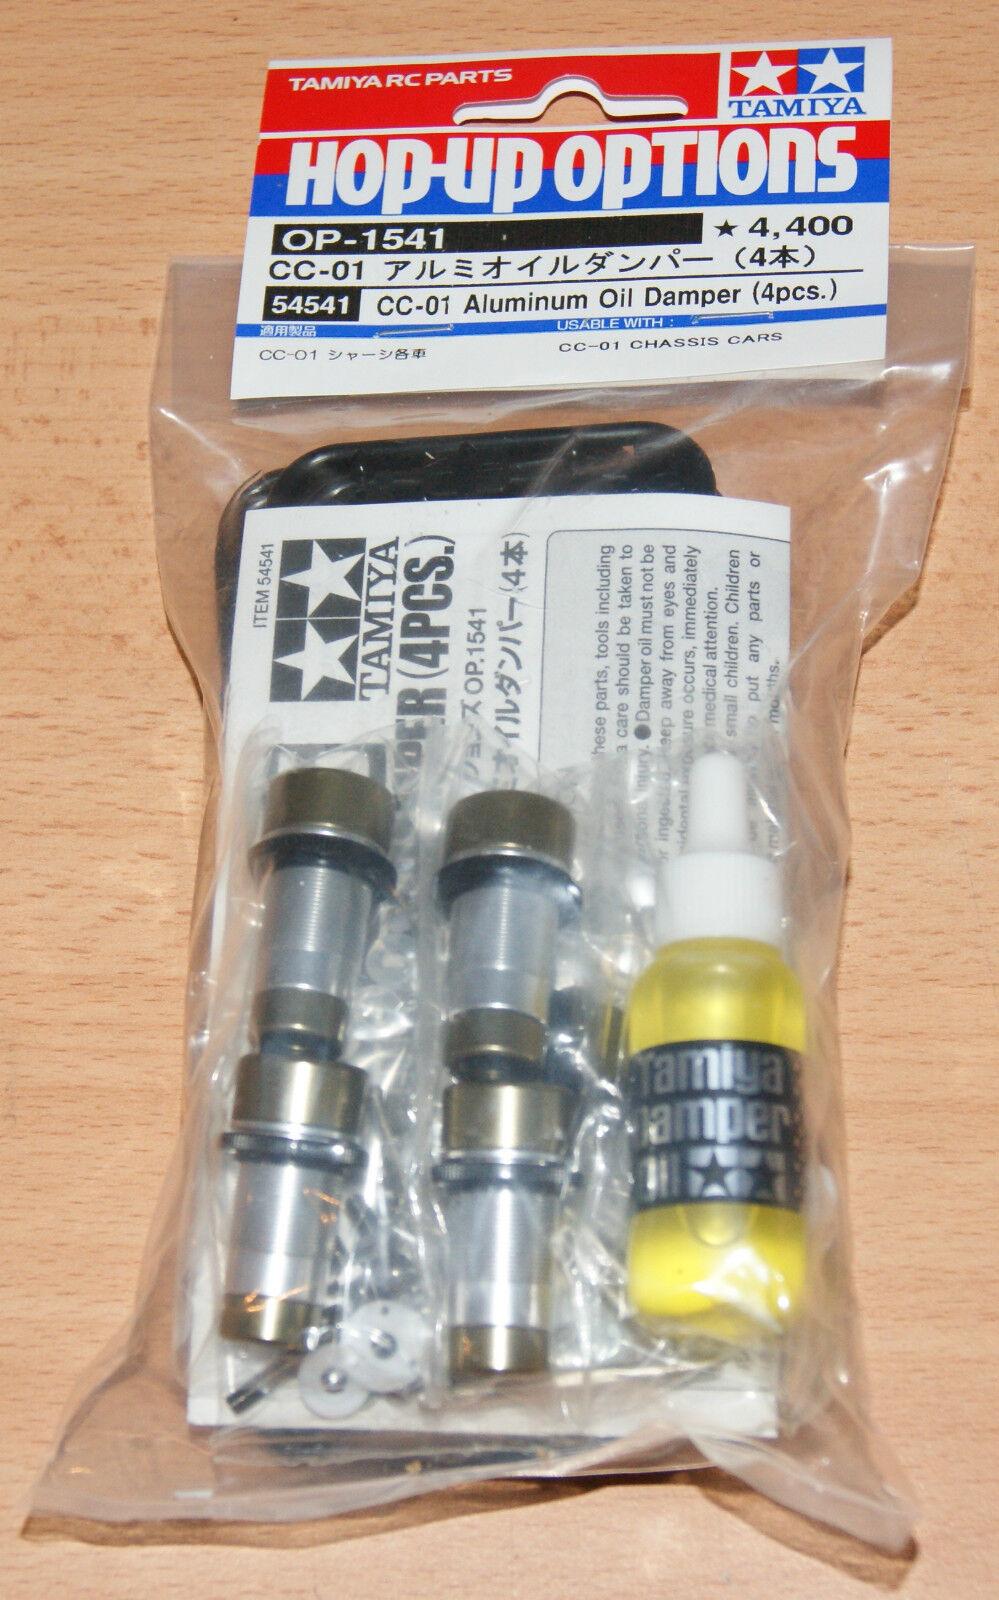 Amortiguador de aceite de aluminio Tamiya 54541 CC-01 (4 Piezas.) (CC01 Jeep XC Pajero), nuevo en paquete